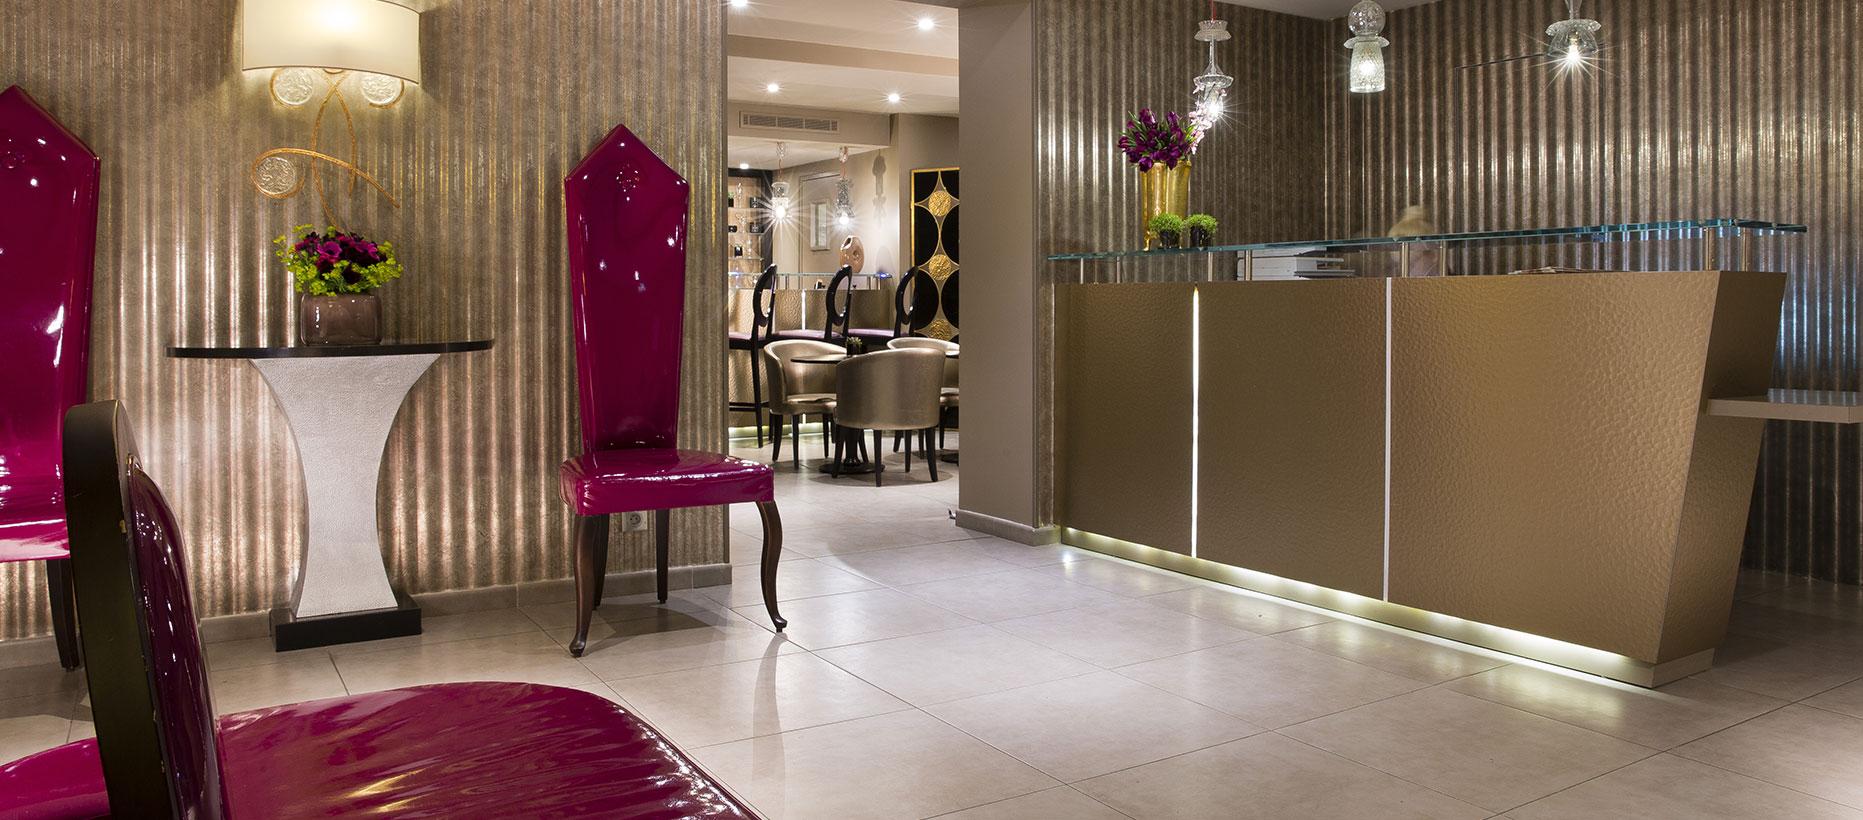 Hotel-mondial-paris-reception-c